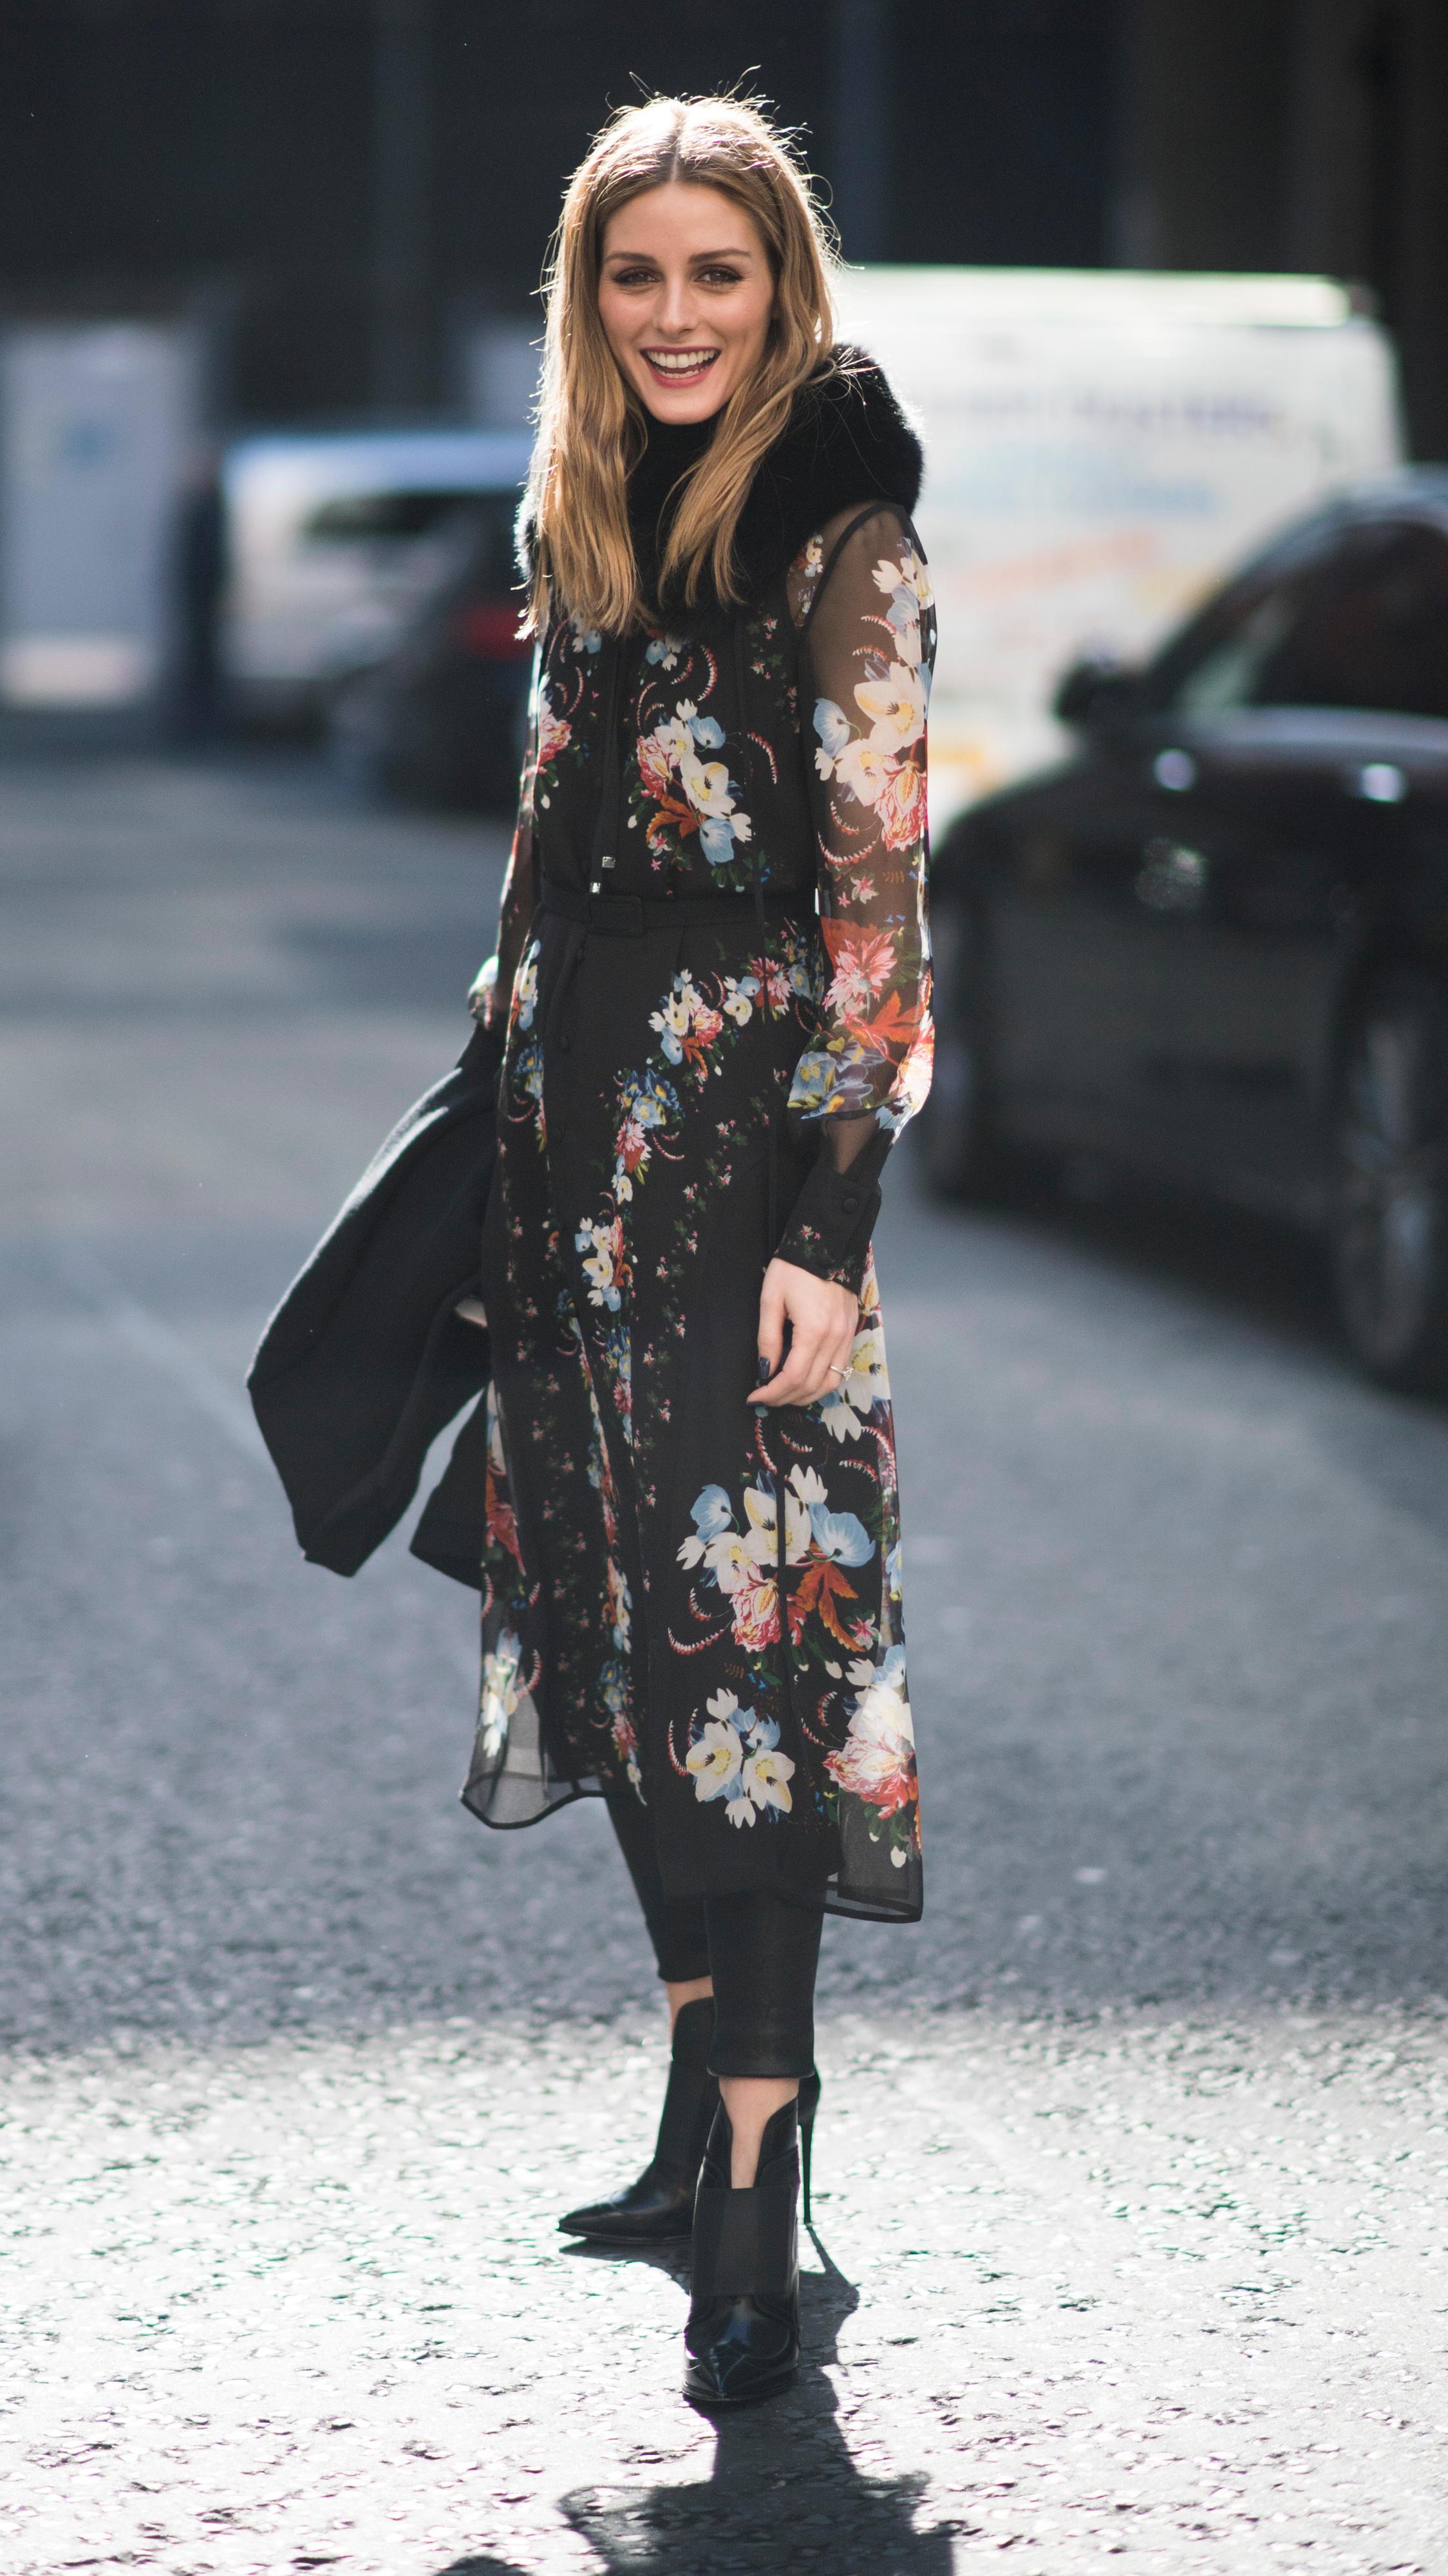 bc0307a6069729 5 Trend-Kleider für den Winter, die wir jetzt richtig lieben! | BRIGITTE.de